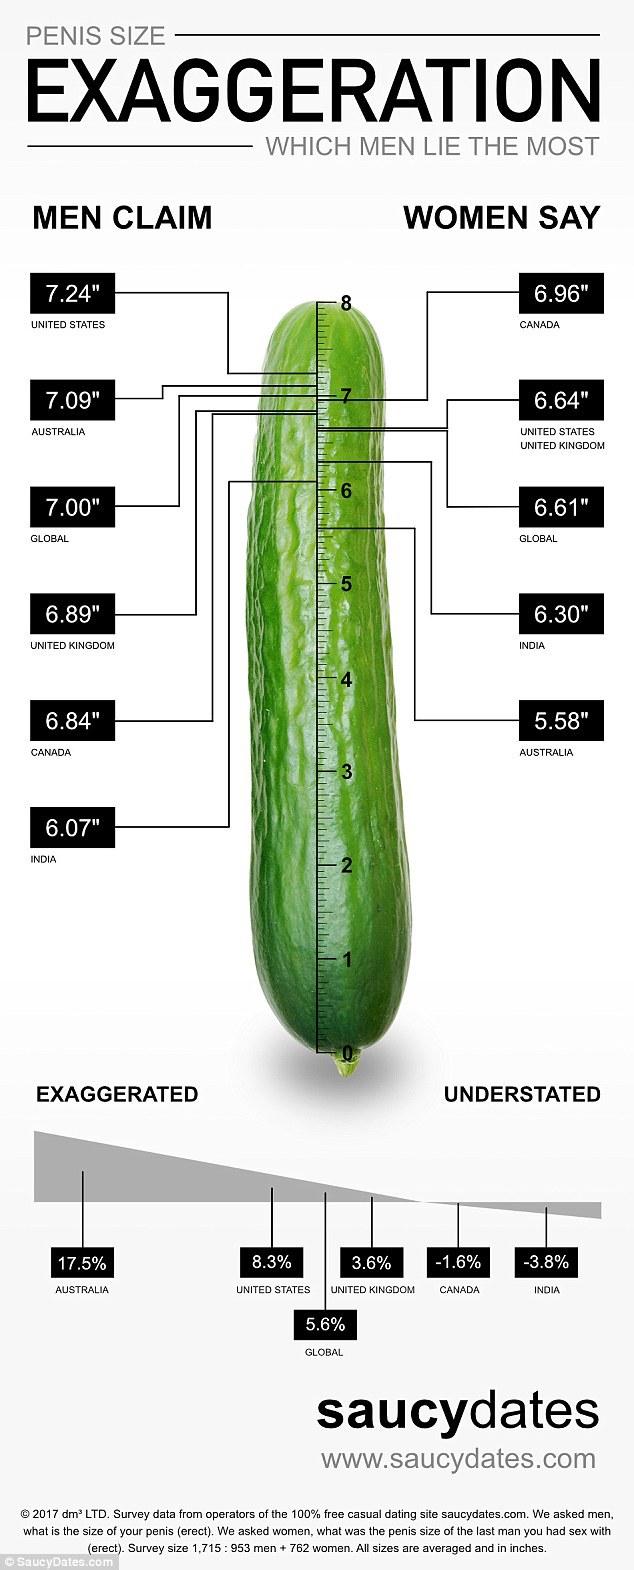 cum se schimbă dimensiunea penisului în timpul erecției